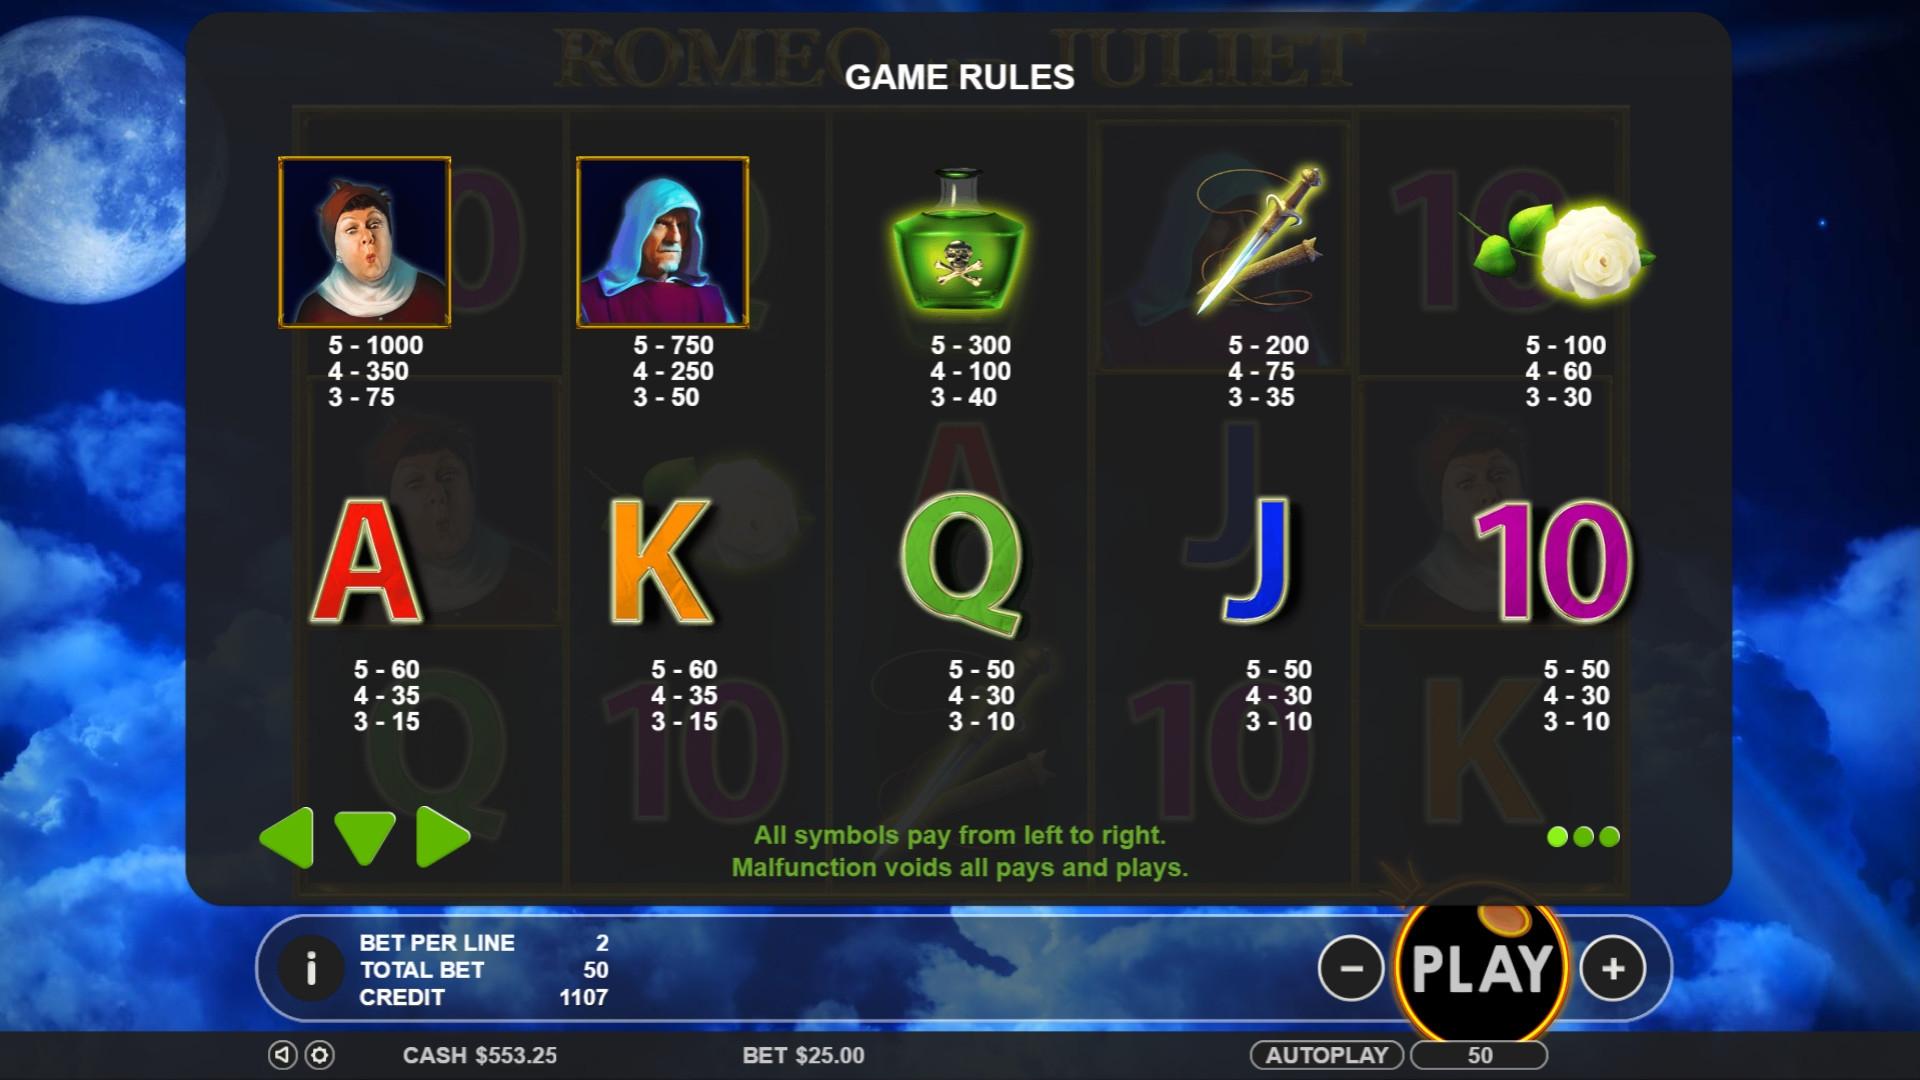 играйте онлайн казино игры бесплатно